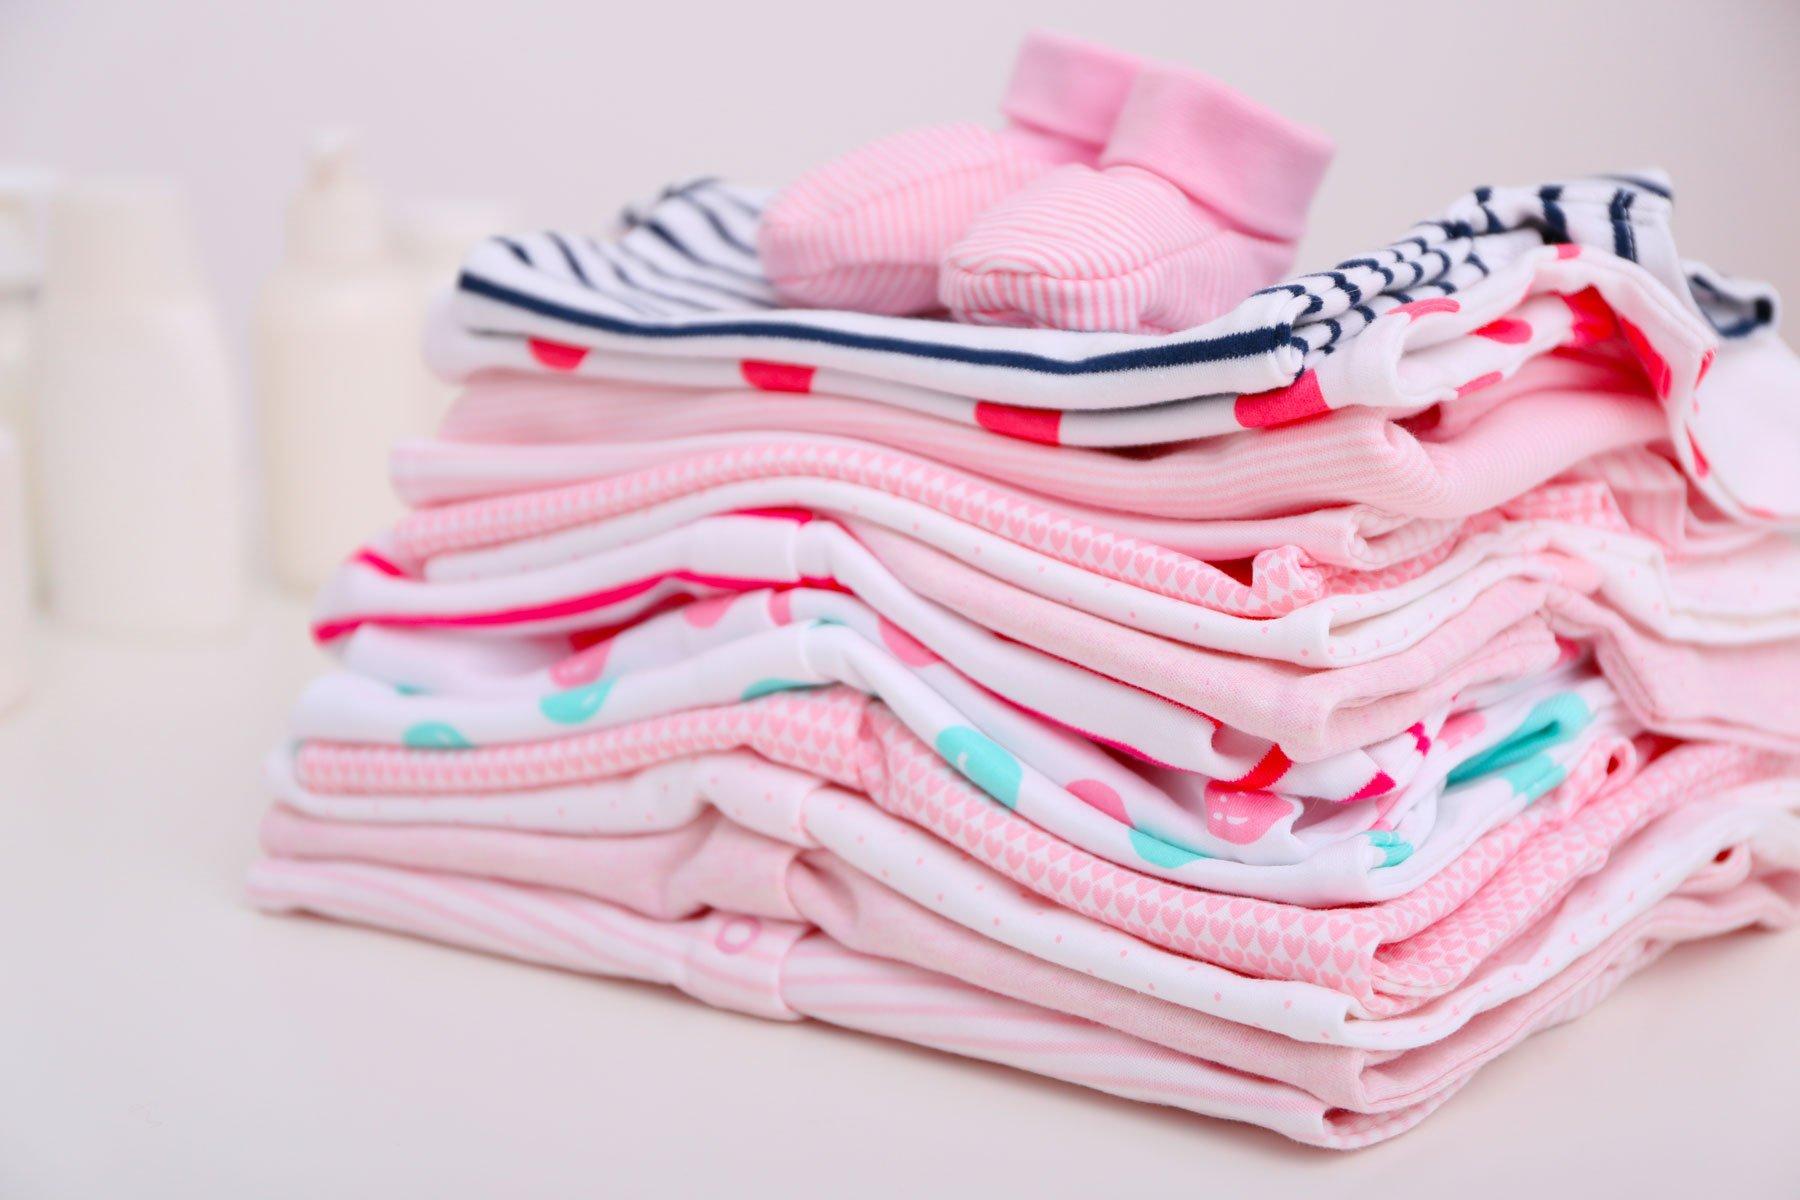 Vestiti in color rosa per bambini, piegati e messi una sopra l'altro  e scarpine spora vestiti